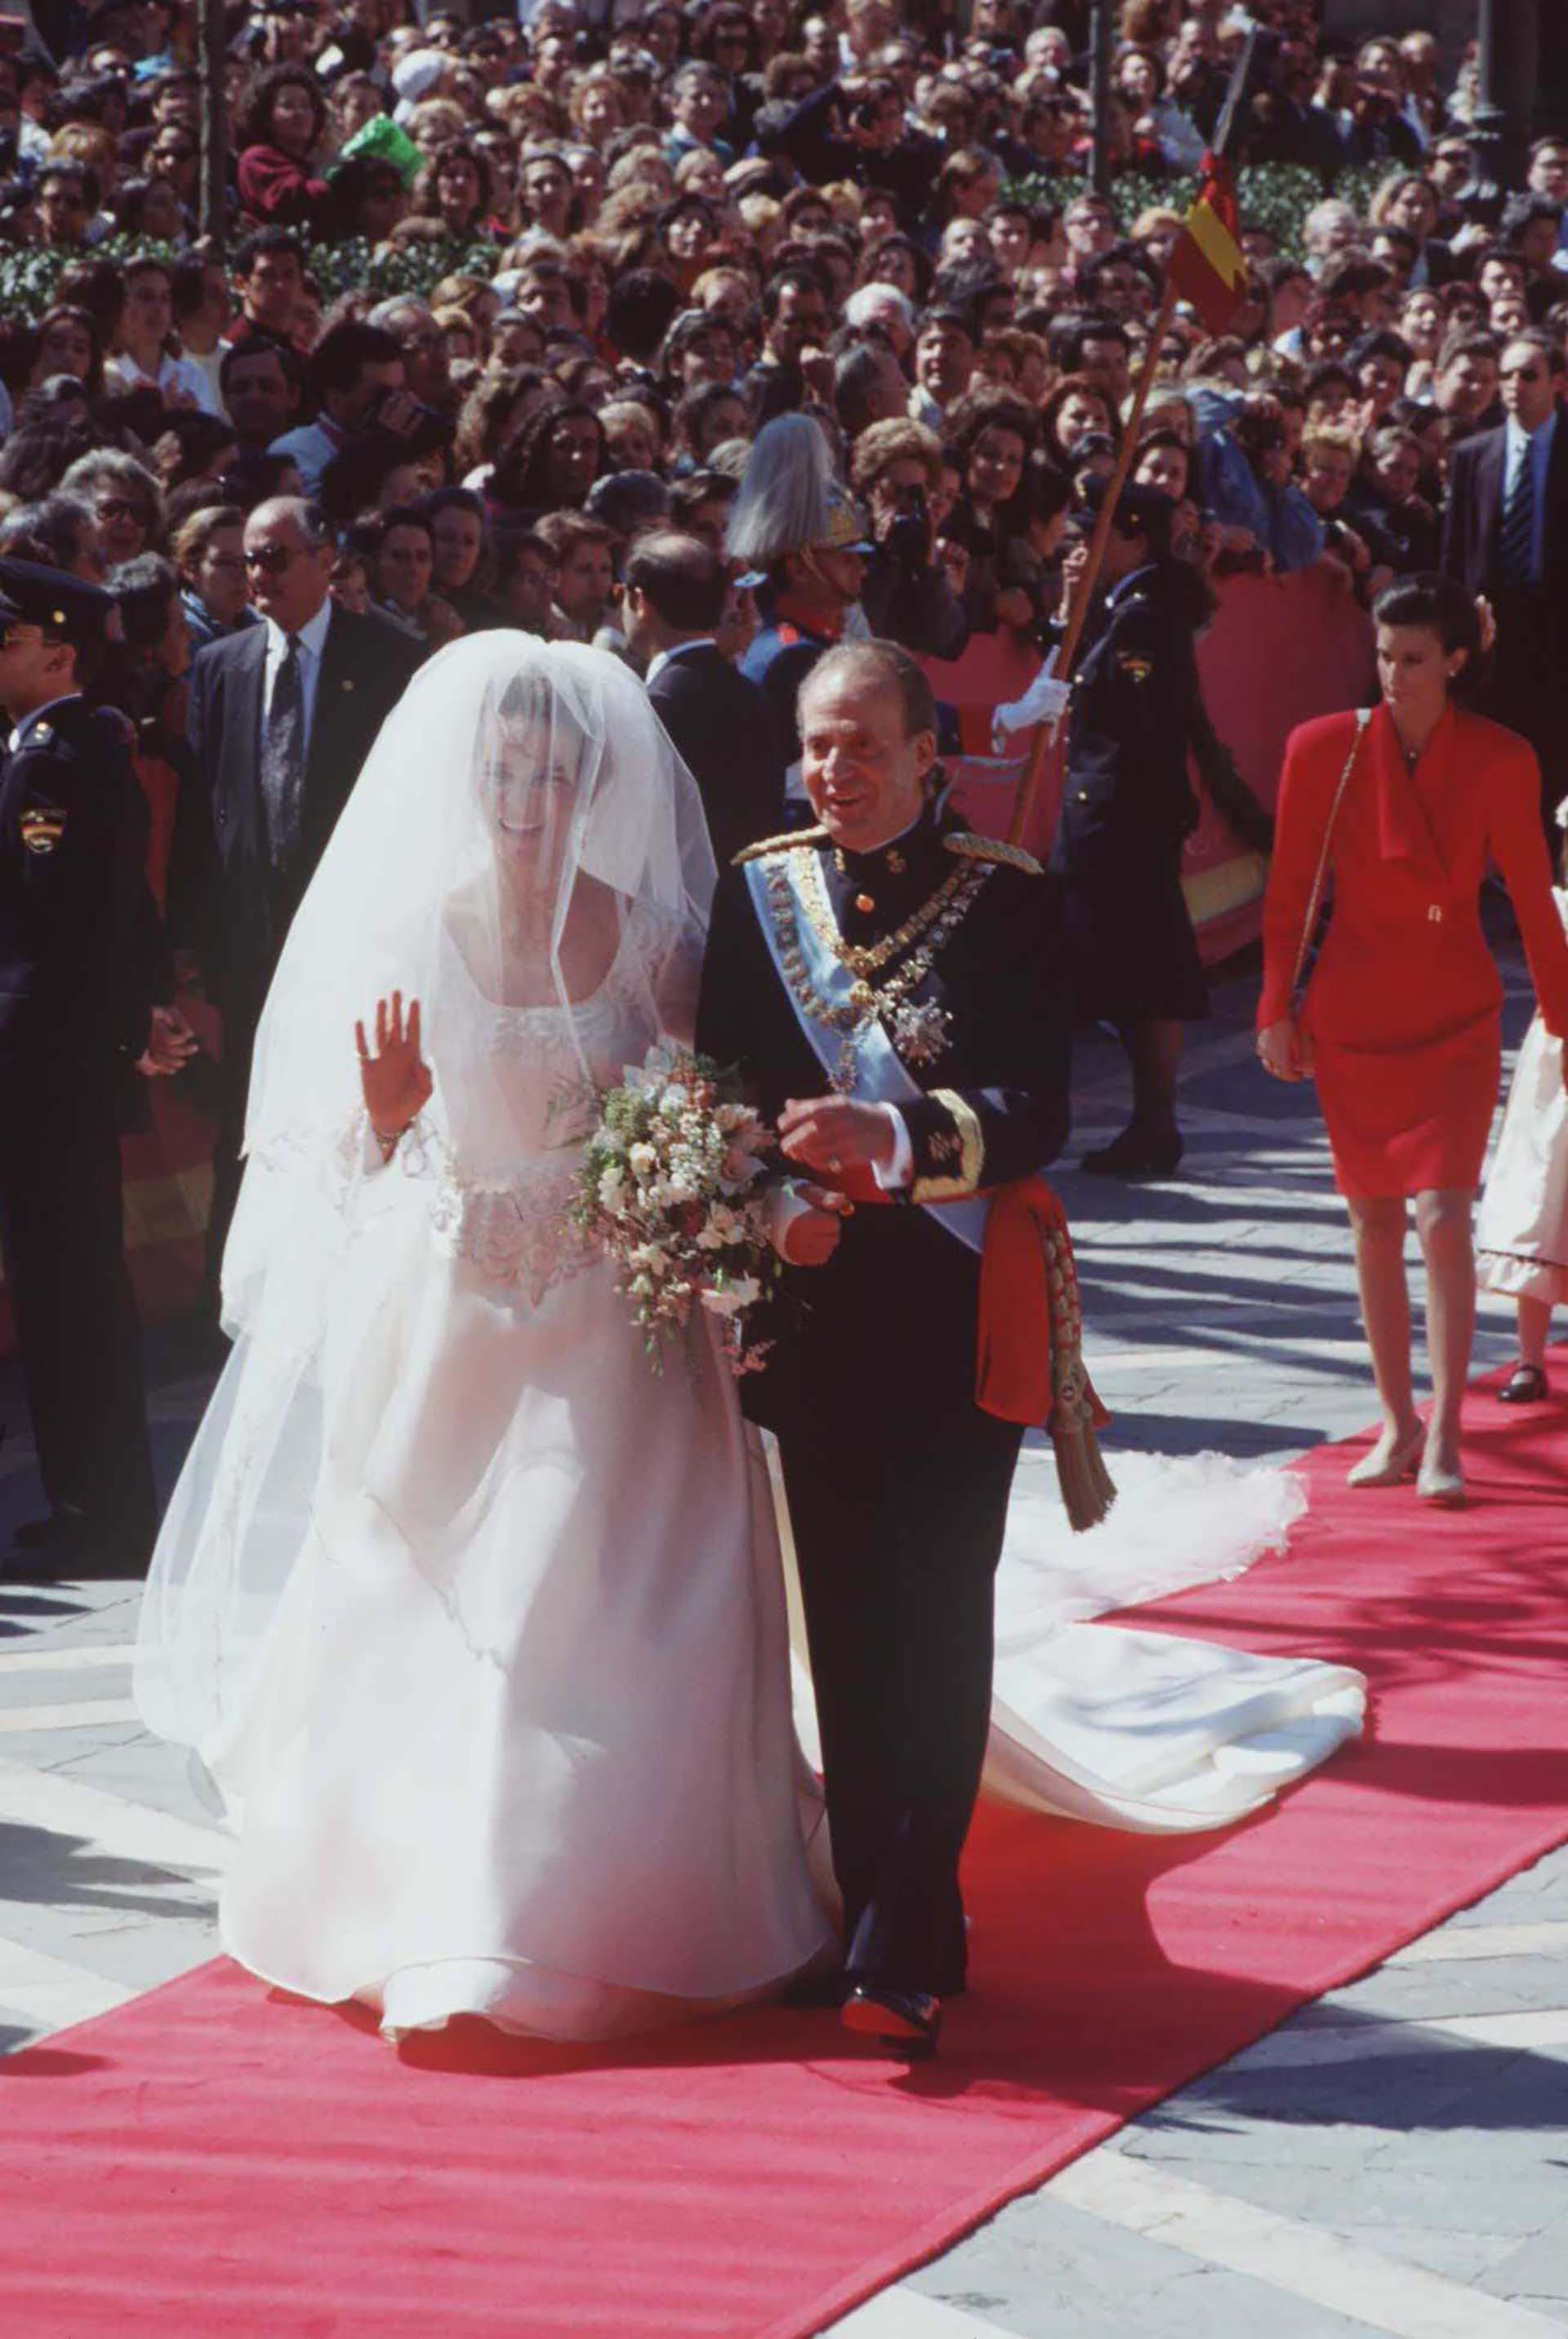 La princesa Elena y Jaime de Marichalar. El rey Juan Carlos, presente durantela boda real en Sevilla (Shutterstock)